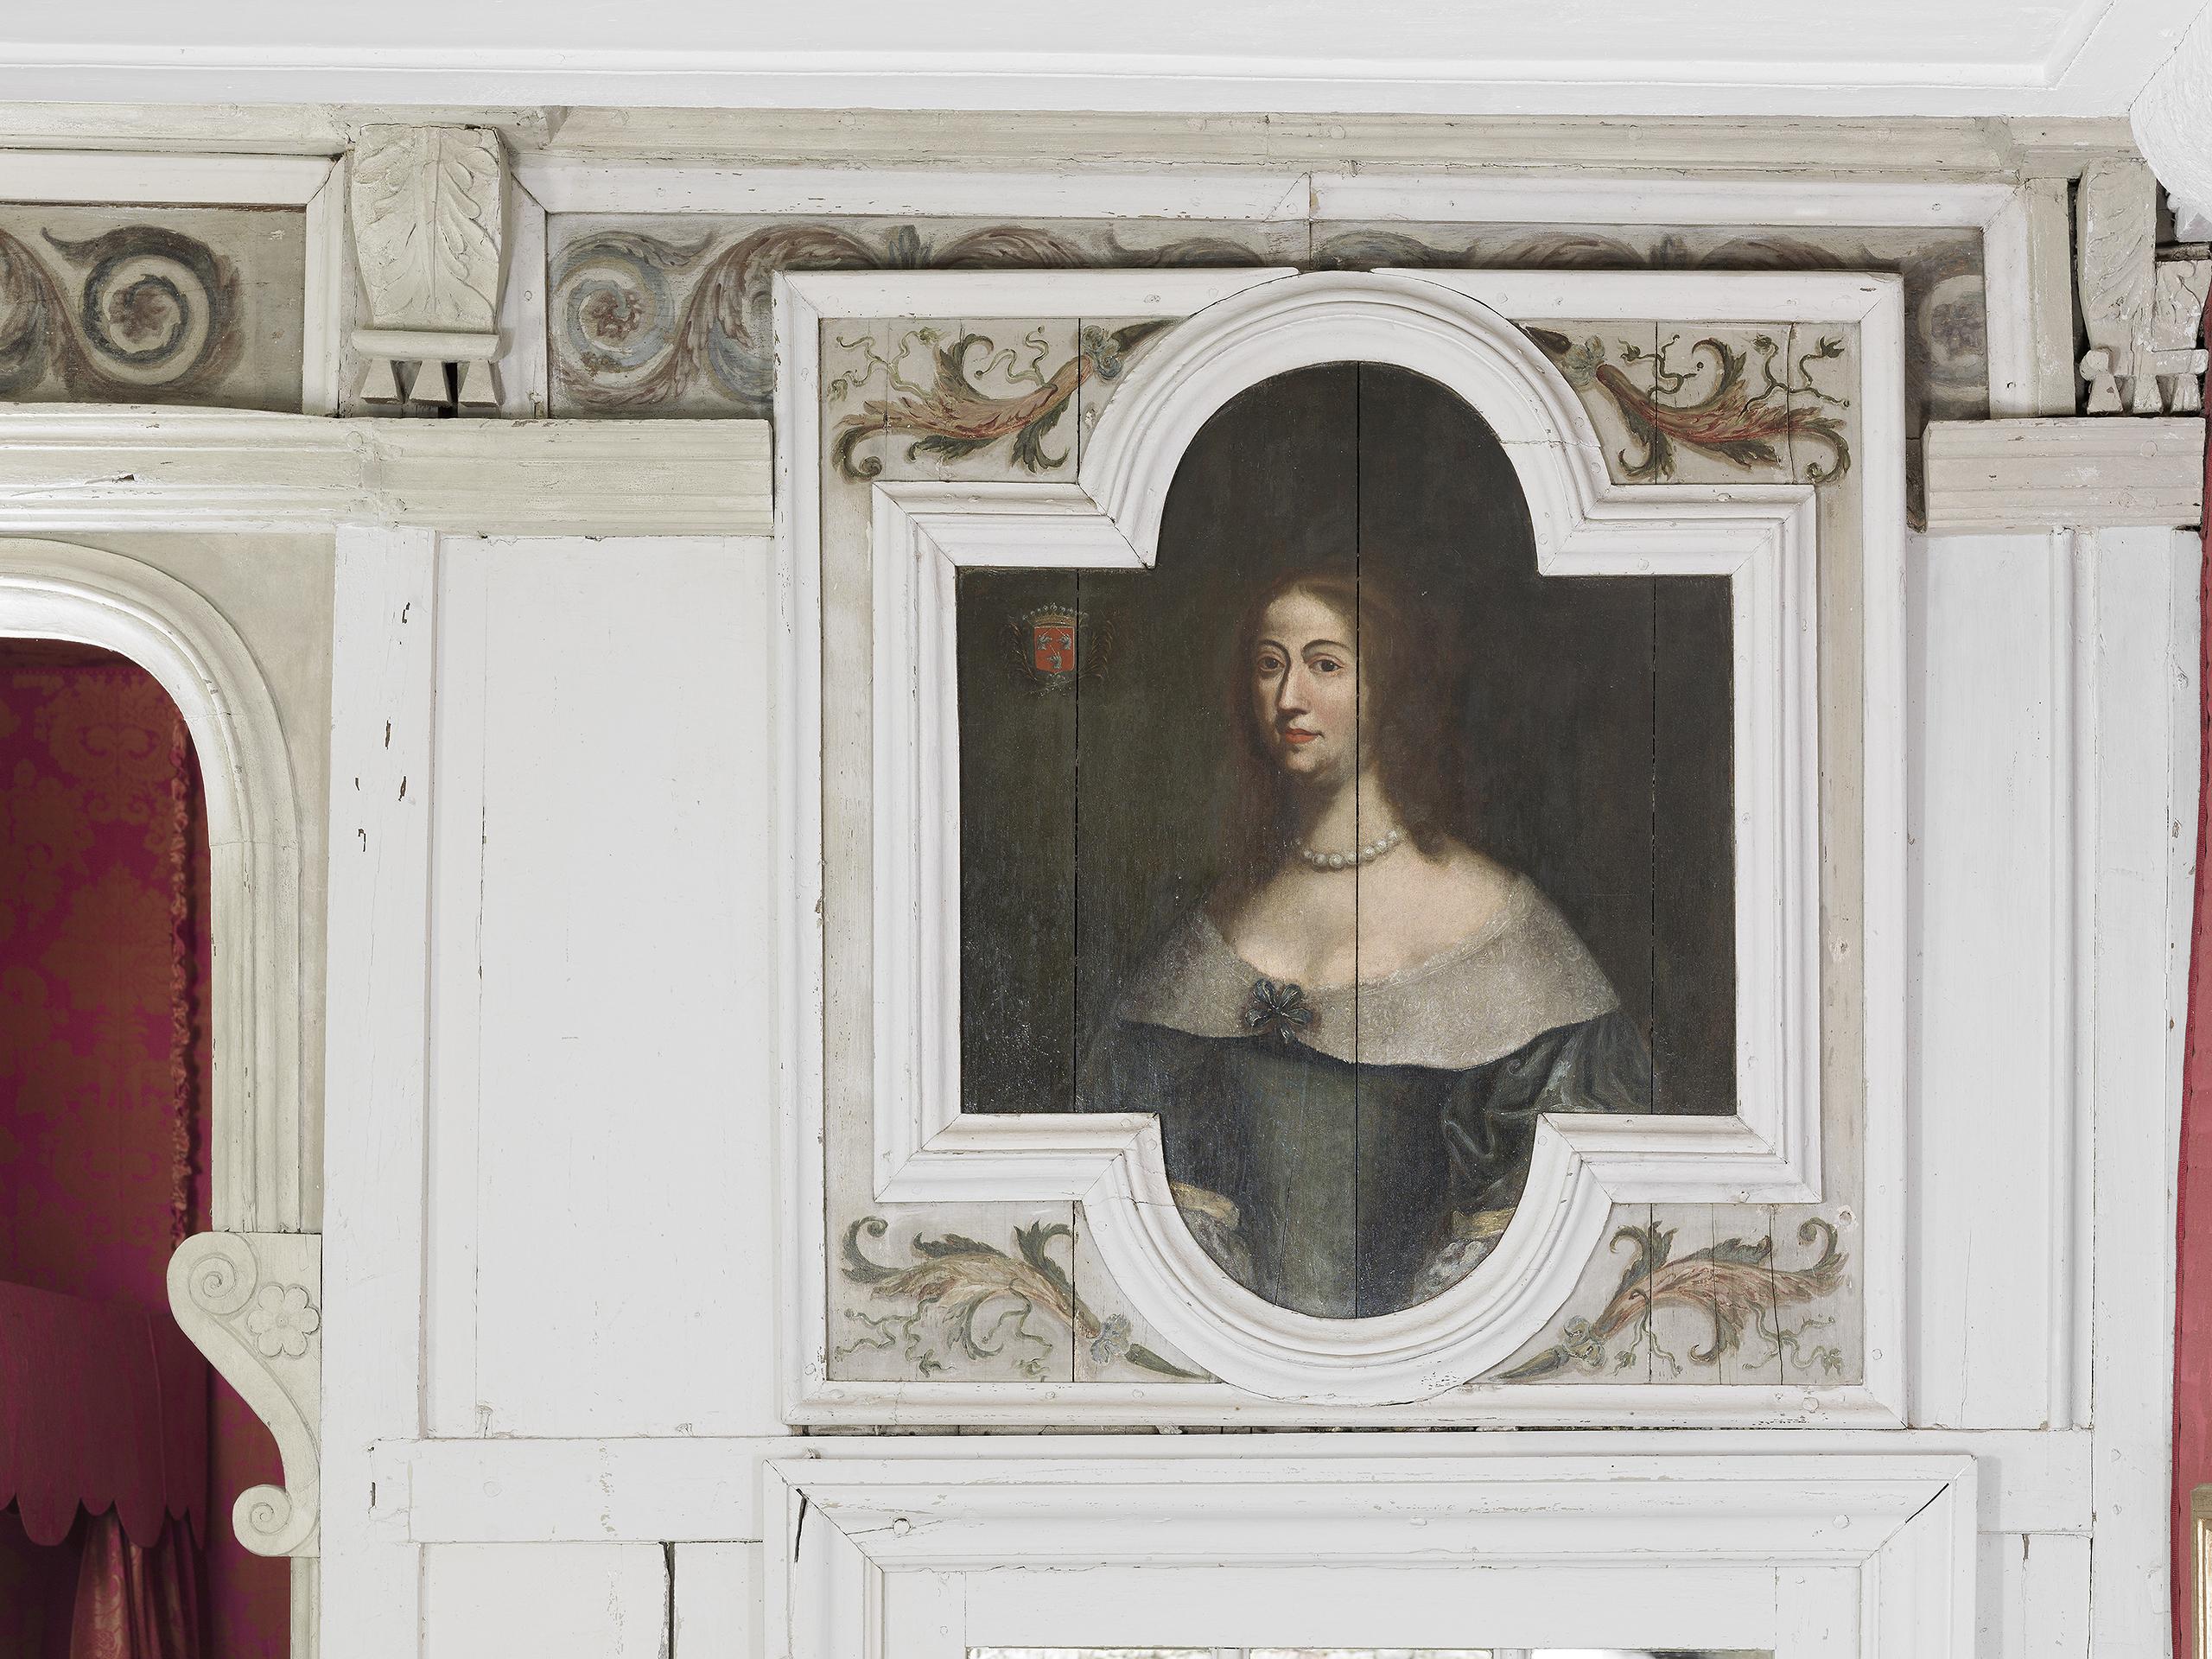 """Portrait de Marguerite Fauche de Domprel, épouse de Charles de Vienne, peint sur les boiseries de la chambre dite """"de Vienne"""""""